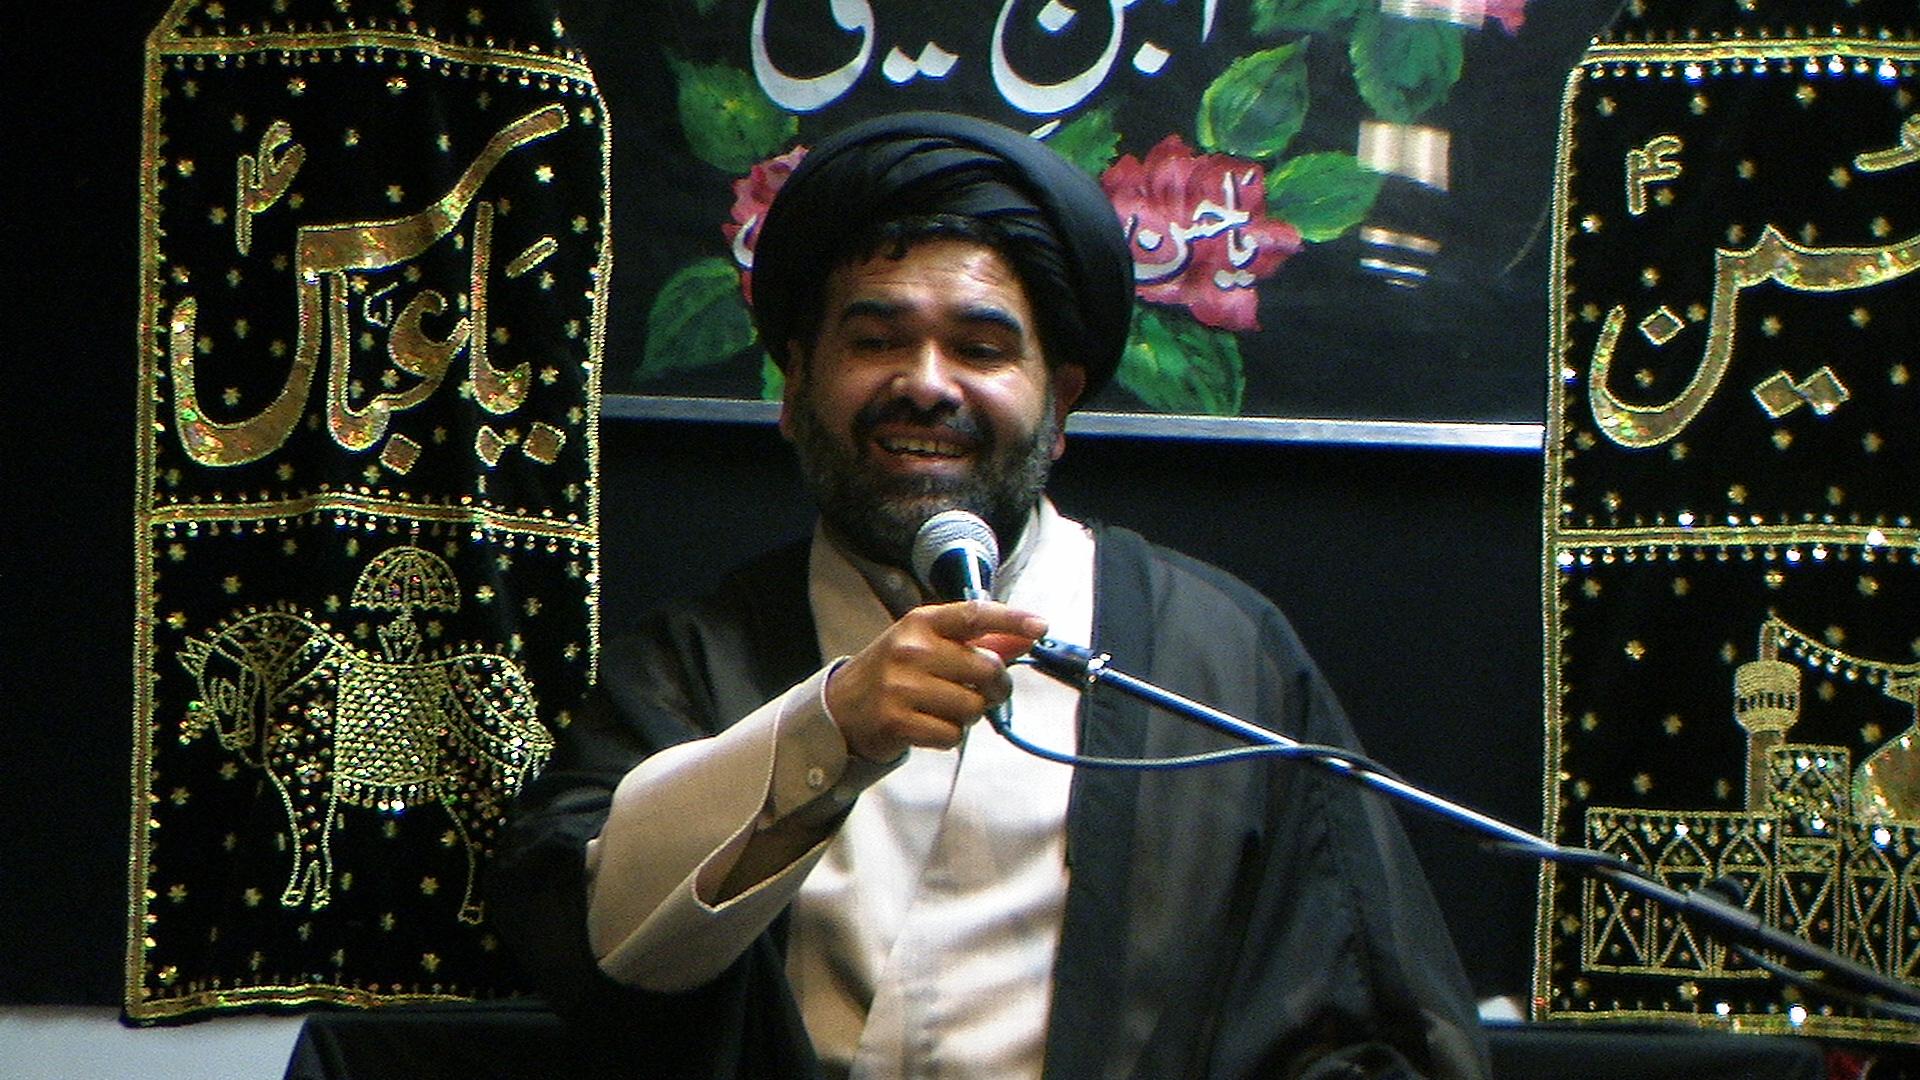 Allama Syed Zawar Shah